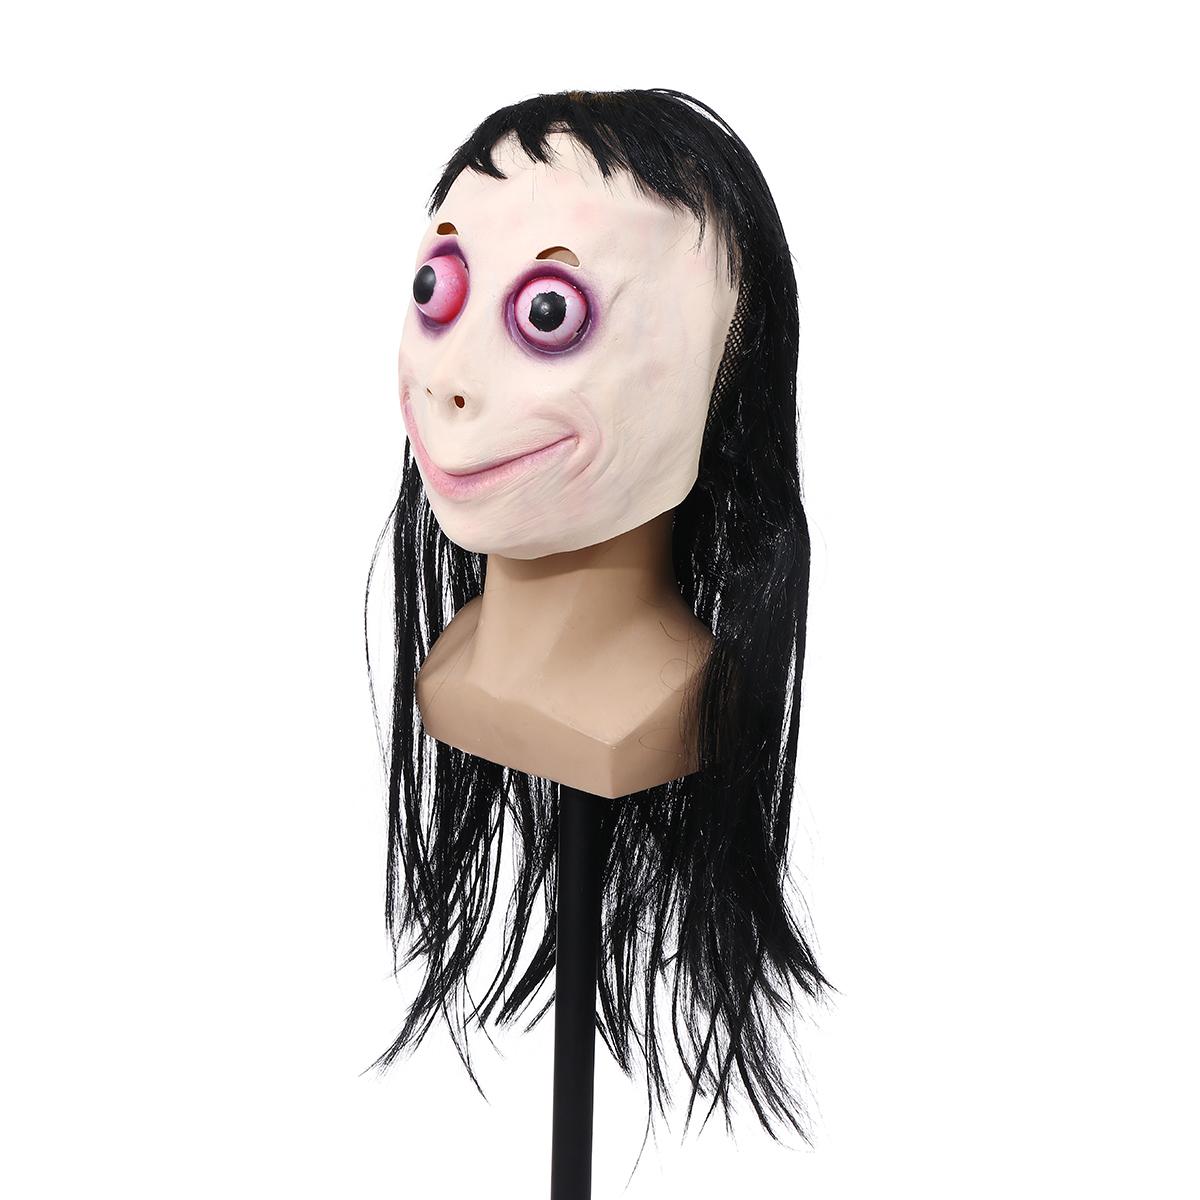 LED Scary Momo Маска Игра Ужасы Маска Косплей с полной головой Момо Маска Большой Глаз С Длинными Париками Реквизит Hall - фото 7